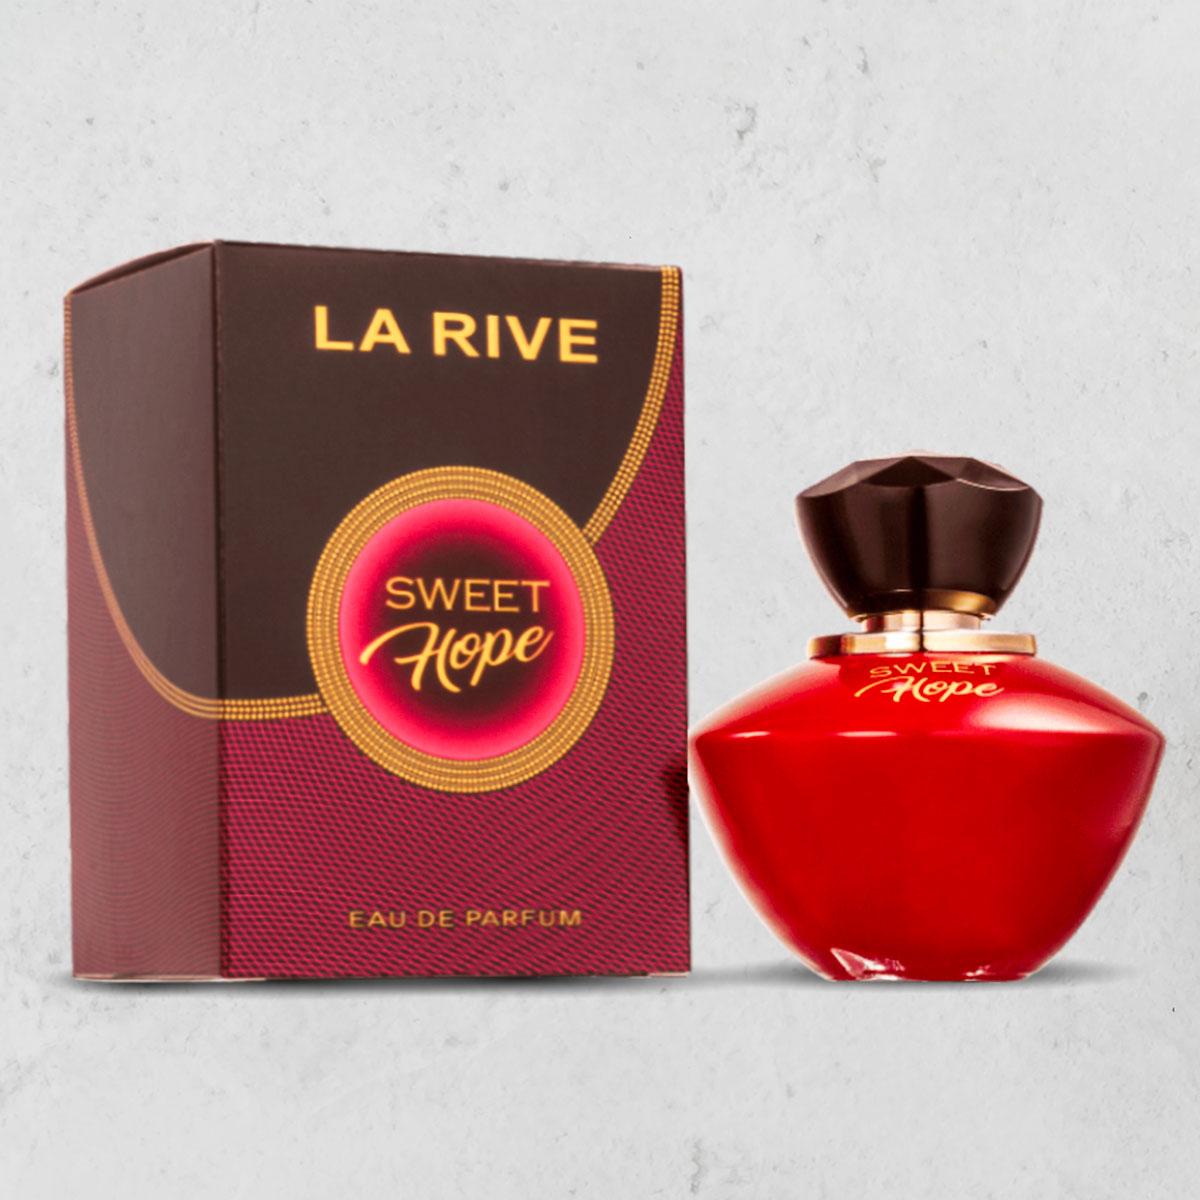 Perfume Sweet Hope Feminino Edp 90 Ml La Rive  - Mercari Perfumes